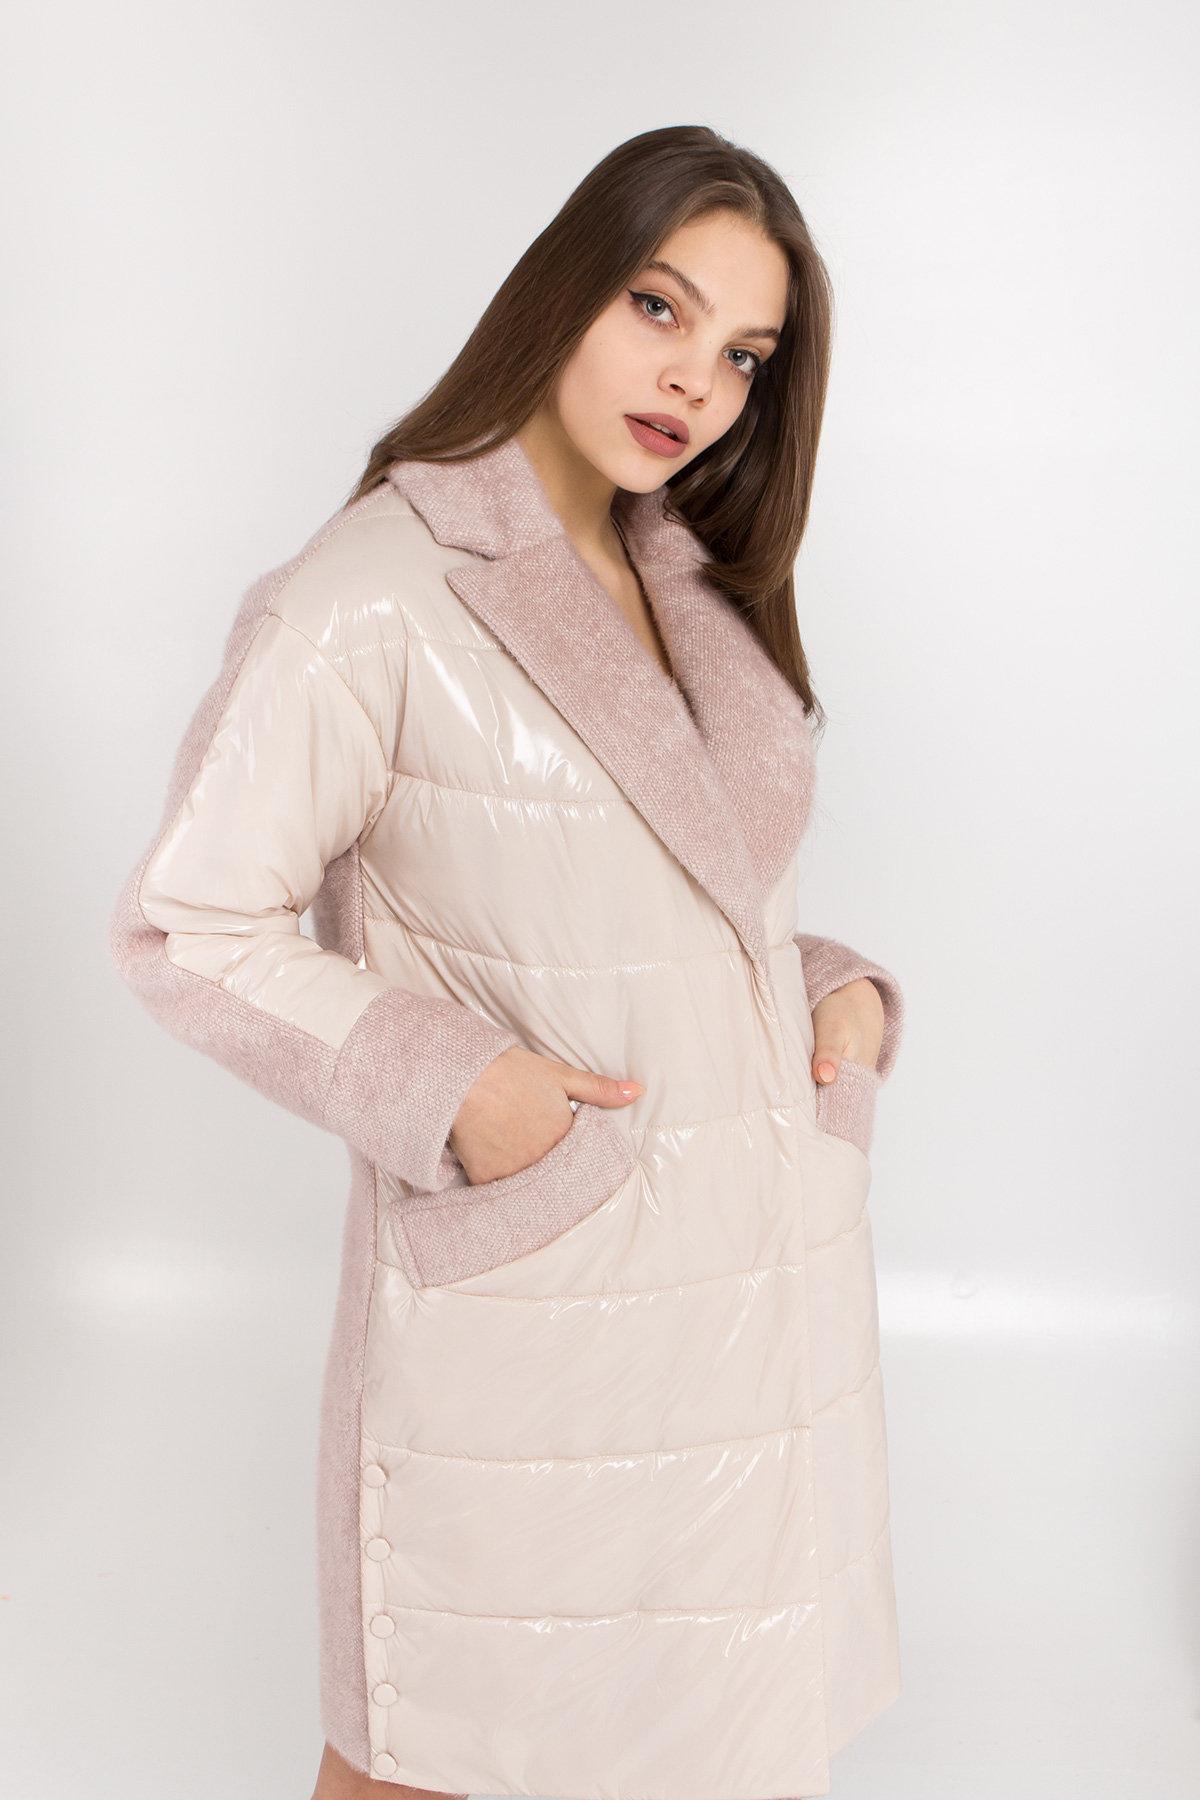 Комбинированное пальто с плащевкой Санья 8780 АРТ. 45123 Цвет: Пудра/молоко - фото 2, интернет магазин tm-modus.ru